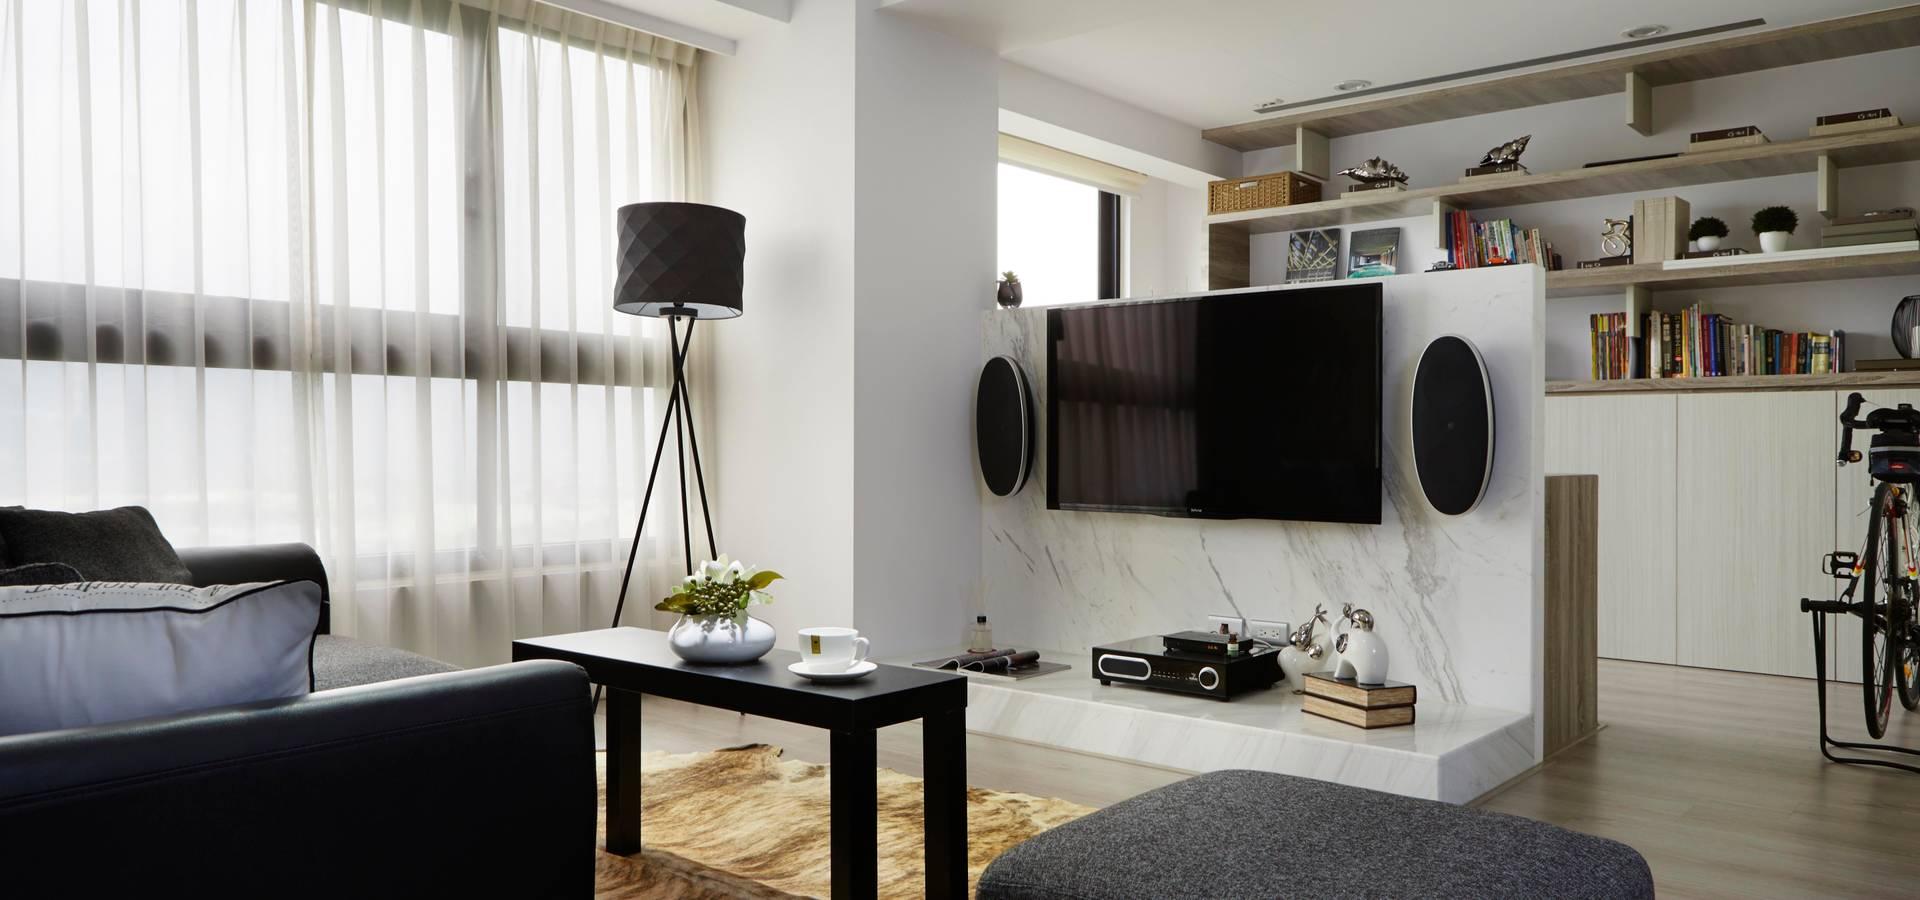 卡比斯室內裝修設計有限公司